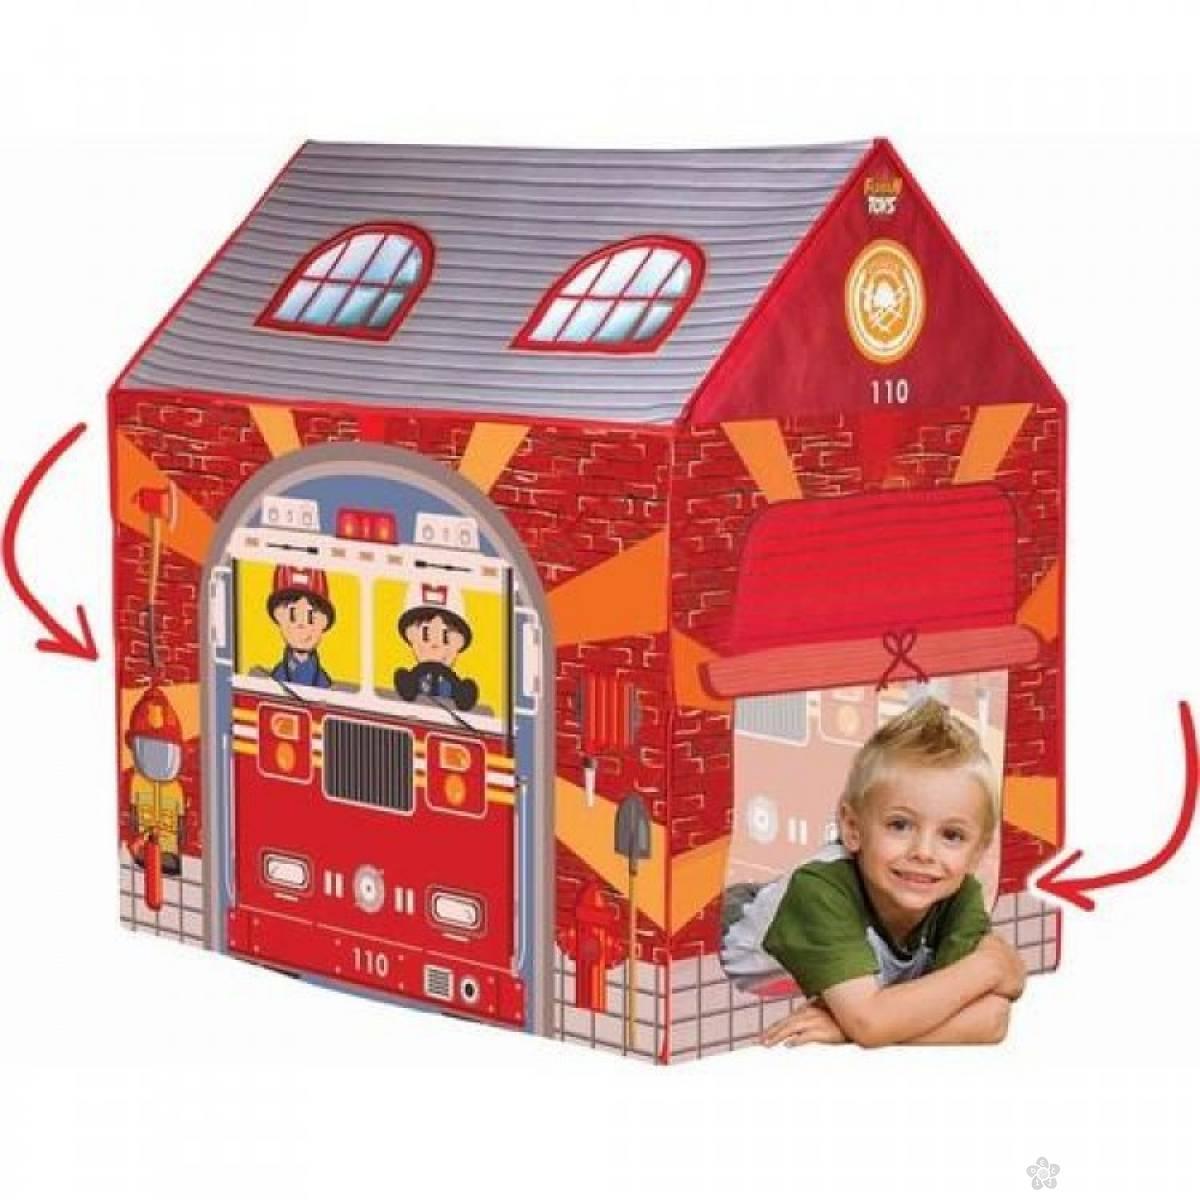 Šator-kućica vatrogasna stanica, 57560